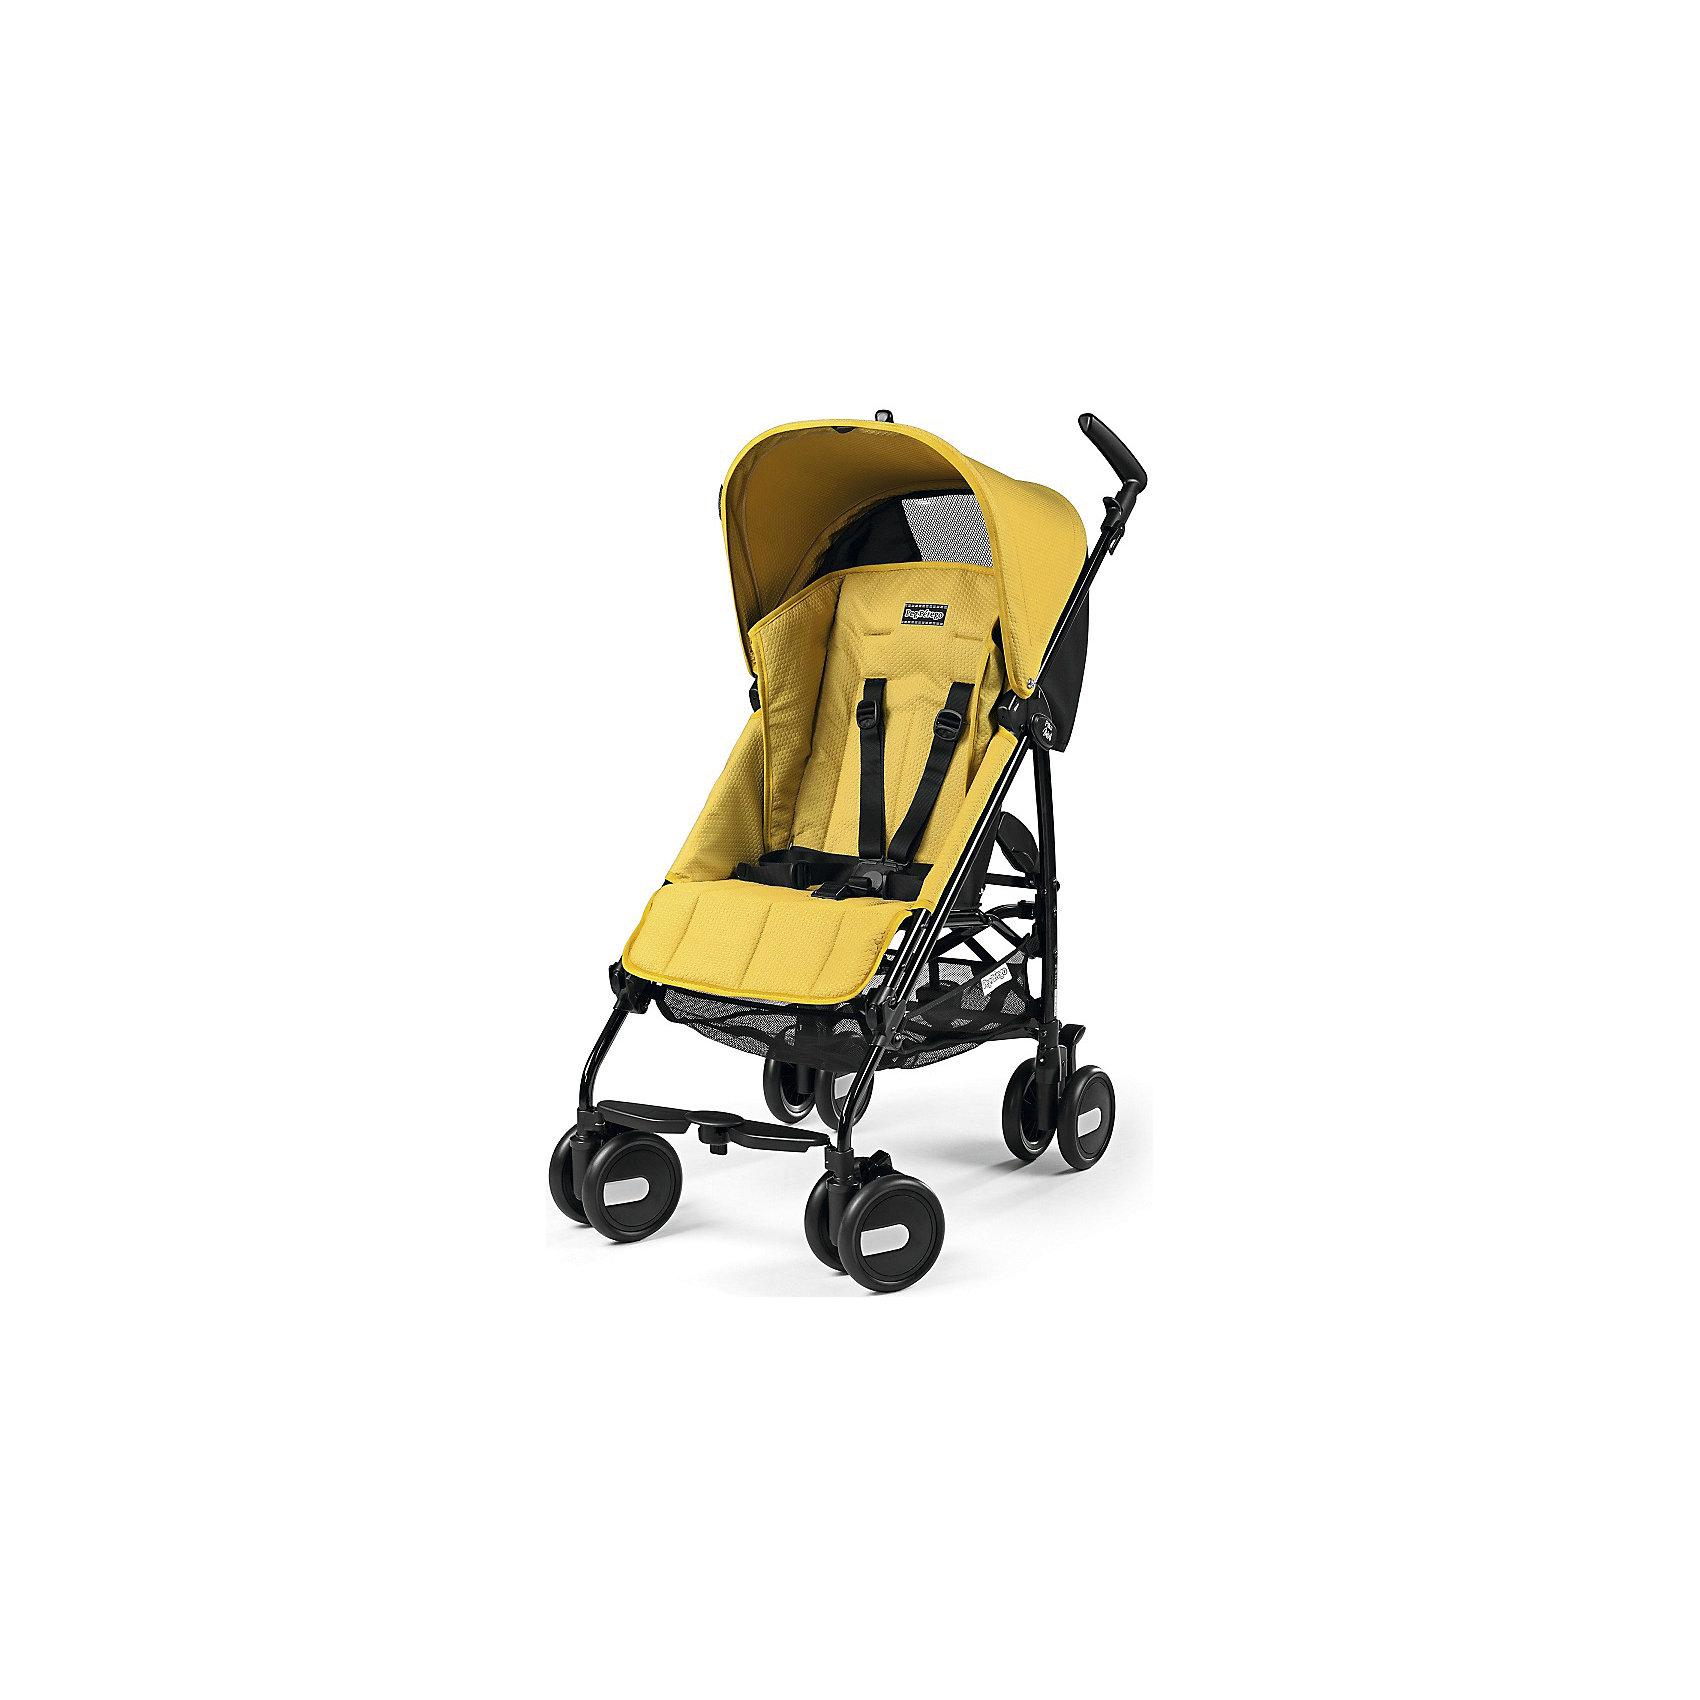 Kоляска-трость Pliko Mini с бампером, Peg-Perego, Mod YellowКоляска-трость Pliko Mini, Peg-Perego - компактная прогулочная коляска с небольшими габаритами, которая отвечает всем требованиям комфорта и безопасности малыша. Очень практична для использования в любой ситуации. Коляска оснащена удобным для ребенка сиденьем с мягкими 5- точечными ремнями безопасности. Дополнительно можно приобрести мягкий съемный бампер (отдельно бампер без коляски не продается!). Спинка легко раскладывается в 3 положениях вплоть до горизонтального. Опора для ножек регулируется, что обеспечивает<br>малышу правильную осанку. Большой капюшон со смотровым окном защитит от солнца и дождя.  <br><br>Для родителей предусмотрены удобные ручки и вместительная корзина для принадлежностей малыша. Коляска оснащена 4 двойными колесами (передние - поворотные с возможностью фиксации, задние - с тормозом). Благодаря узкой колесной базе коляска без труда преодолевает<br>даже самые узкие проемы дверей, лифтов и турникетов. Легко и компактно складывается тростью, что позволяет использовать ее во время поездок и путешествий. Обивку можно снимать и стирать. Подходит для детей от 6 мес. до 3 лет.<br><br><br>Особенности:<br><br>- удобна для транспортировки и хранения;<br>- объемный капюшон от солнца и дождя;<br>- спинка сиденья регулируется 3 положениях;<br>- регулируемая подножка; <br>- корзина для вещей ребенка;<br>- передние поворотные колеса с возможностью фиксации;<br>- узкая колесная база;<br>- легко и компактно складывается тростью.<br><br><br>Дополнительная информация:<br><br>- Цвет: Mod Yellow.<br>- Материал: текстиль, металл, пластик.<br>- Диаметр колес: 14,6 см.<br>- Максимальная длина спального места: 87 см.<br>- Размер в разложенном виде: 84 х 50 х 101 см.<br>- Размер в сложенном виде: 34 х 32 х 94 см.<br>- Вес: 5,7 кг.<br><br>Коляску-трость Pliko Mini + бампер передний, Peg-Perego можно купить в нашем интернет-магазине.<br><br>Ширина мм: 1005<br>Глубина мм: 280<br>Высота мм: 270<br>Вес г: 7600<br>